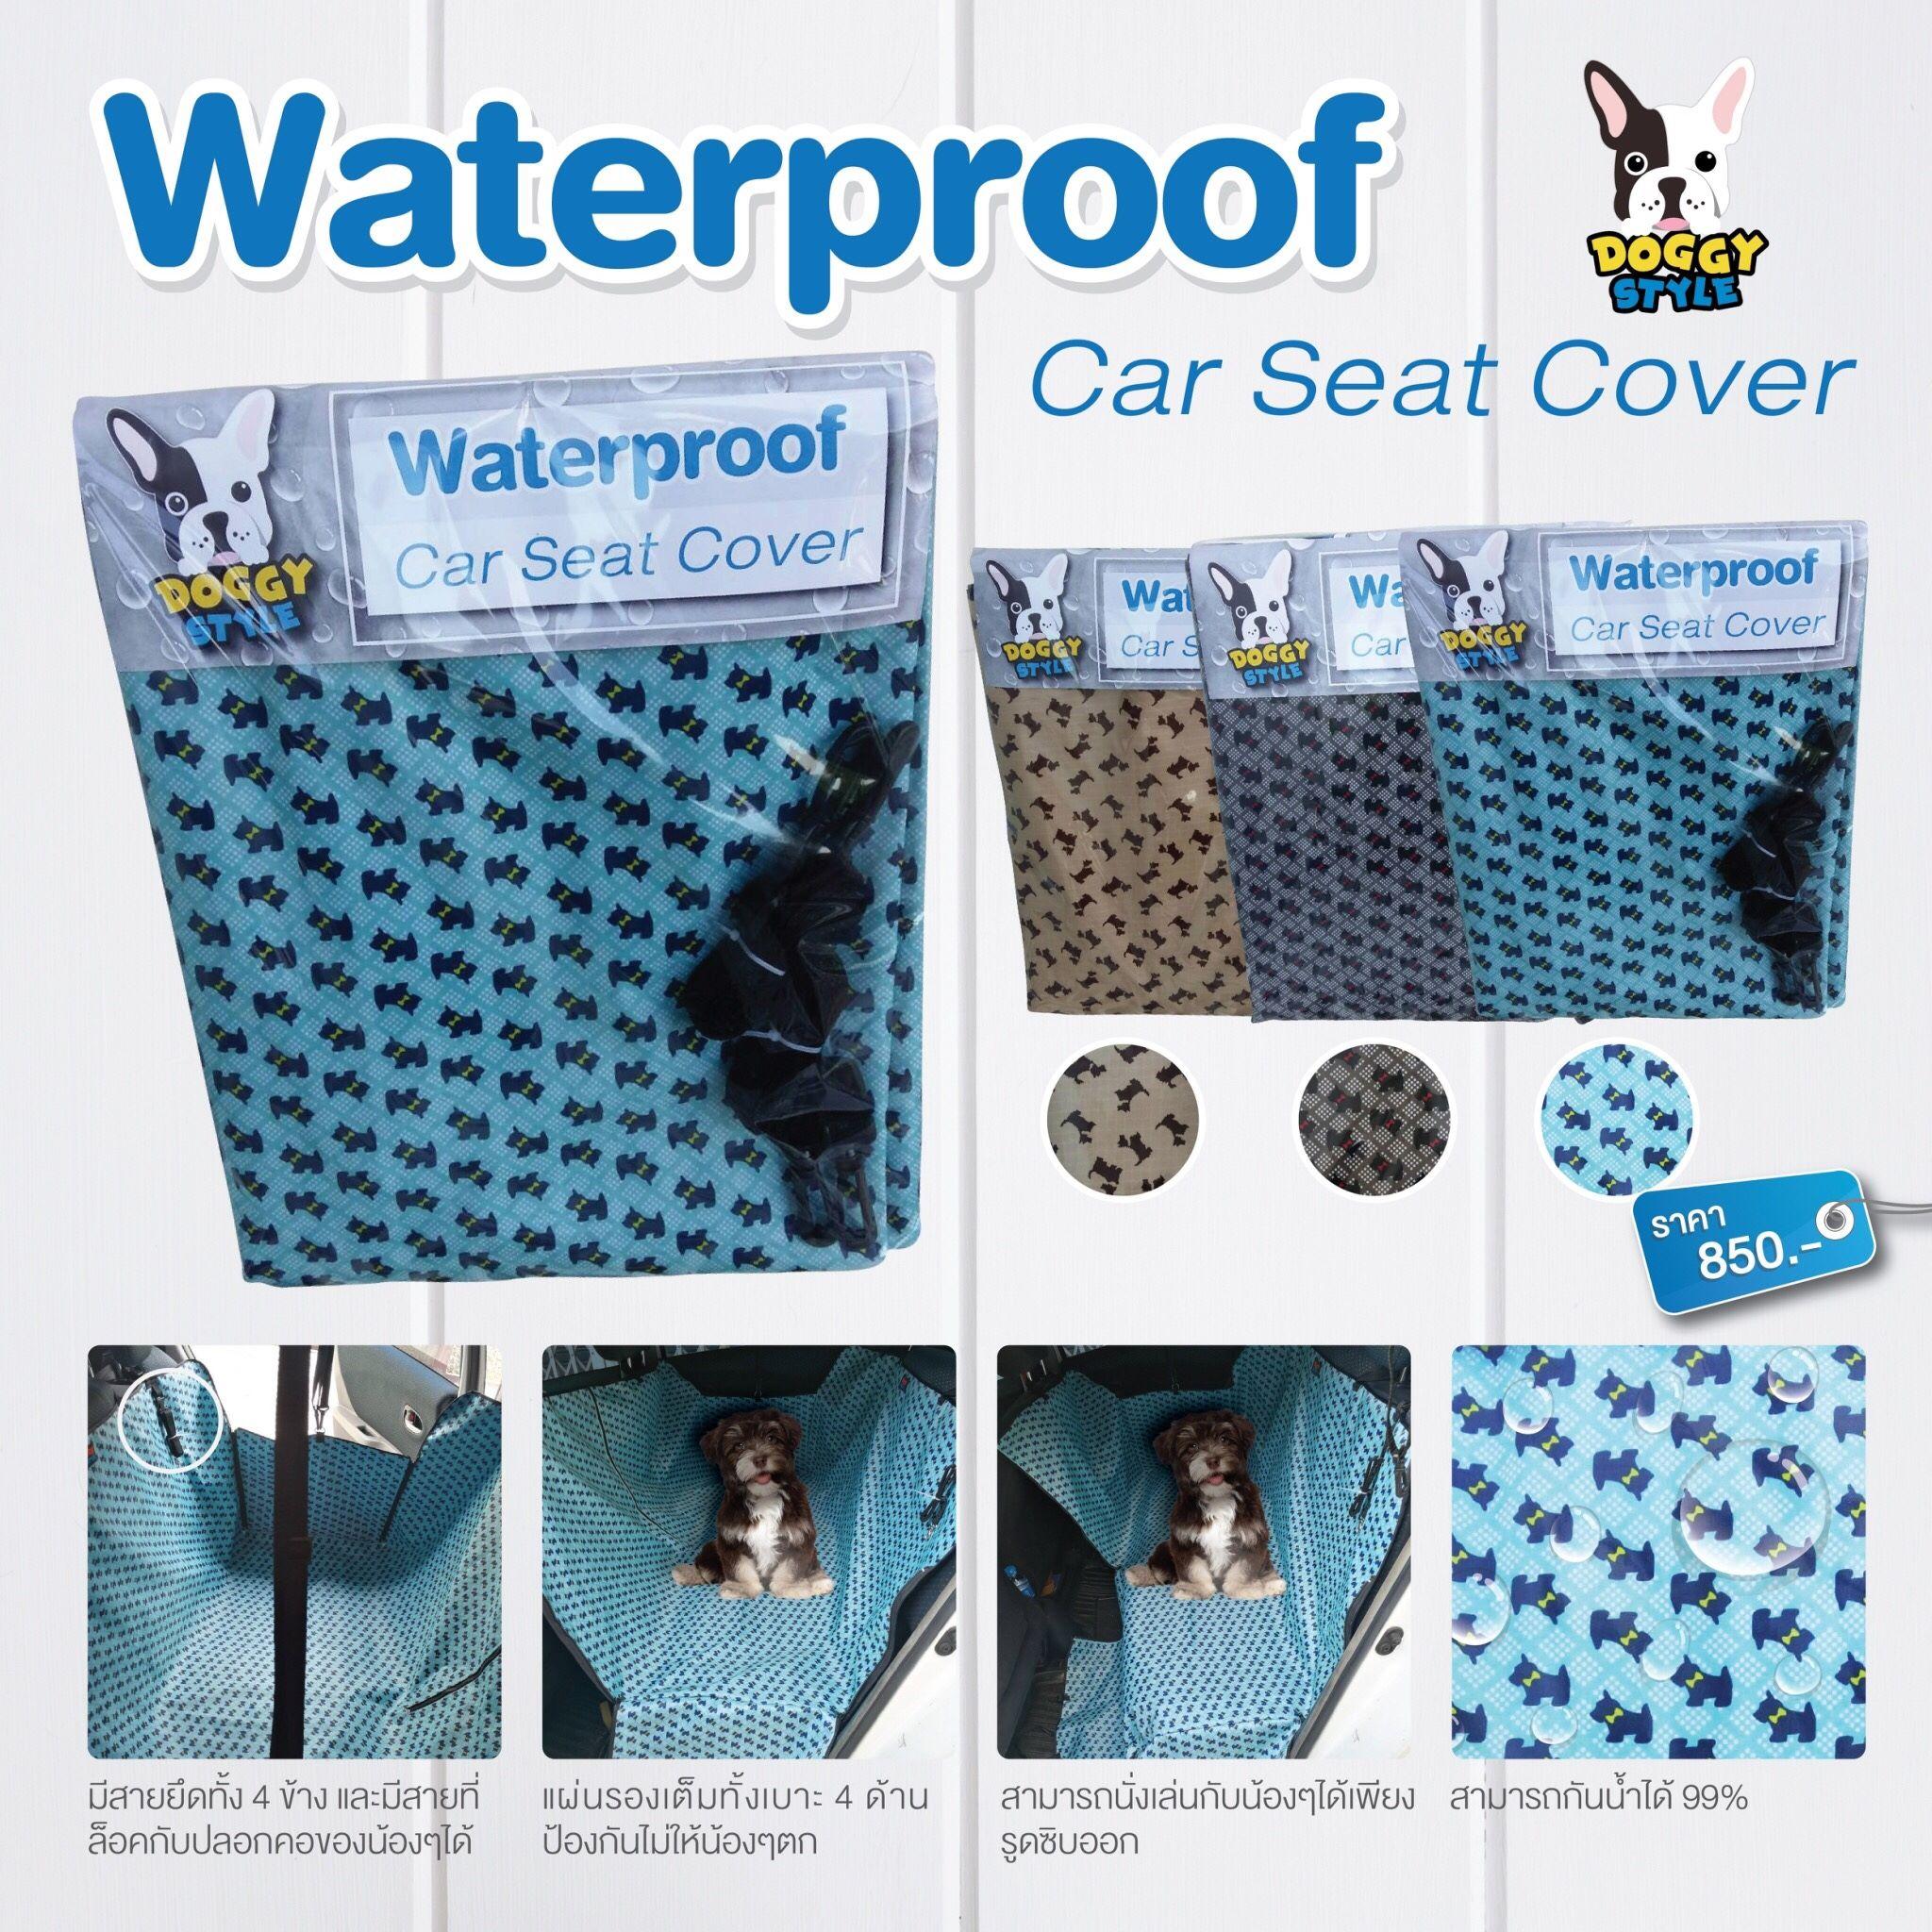 ผ้าคลุมเบาะสำหรับสัตว์เลี้ยง Car Seat Cover